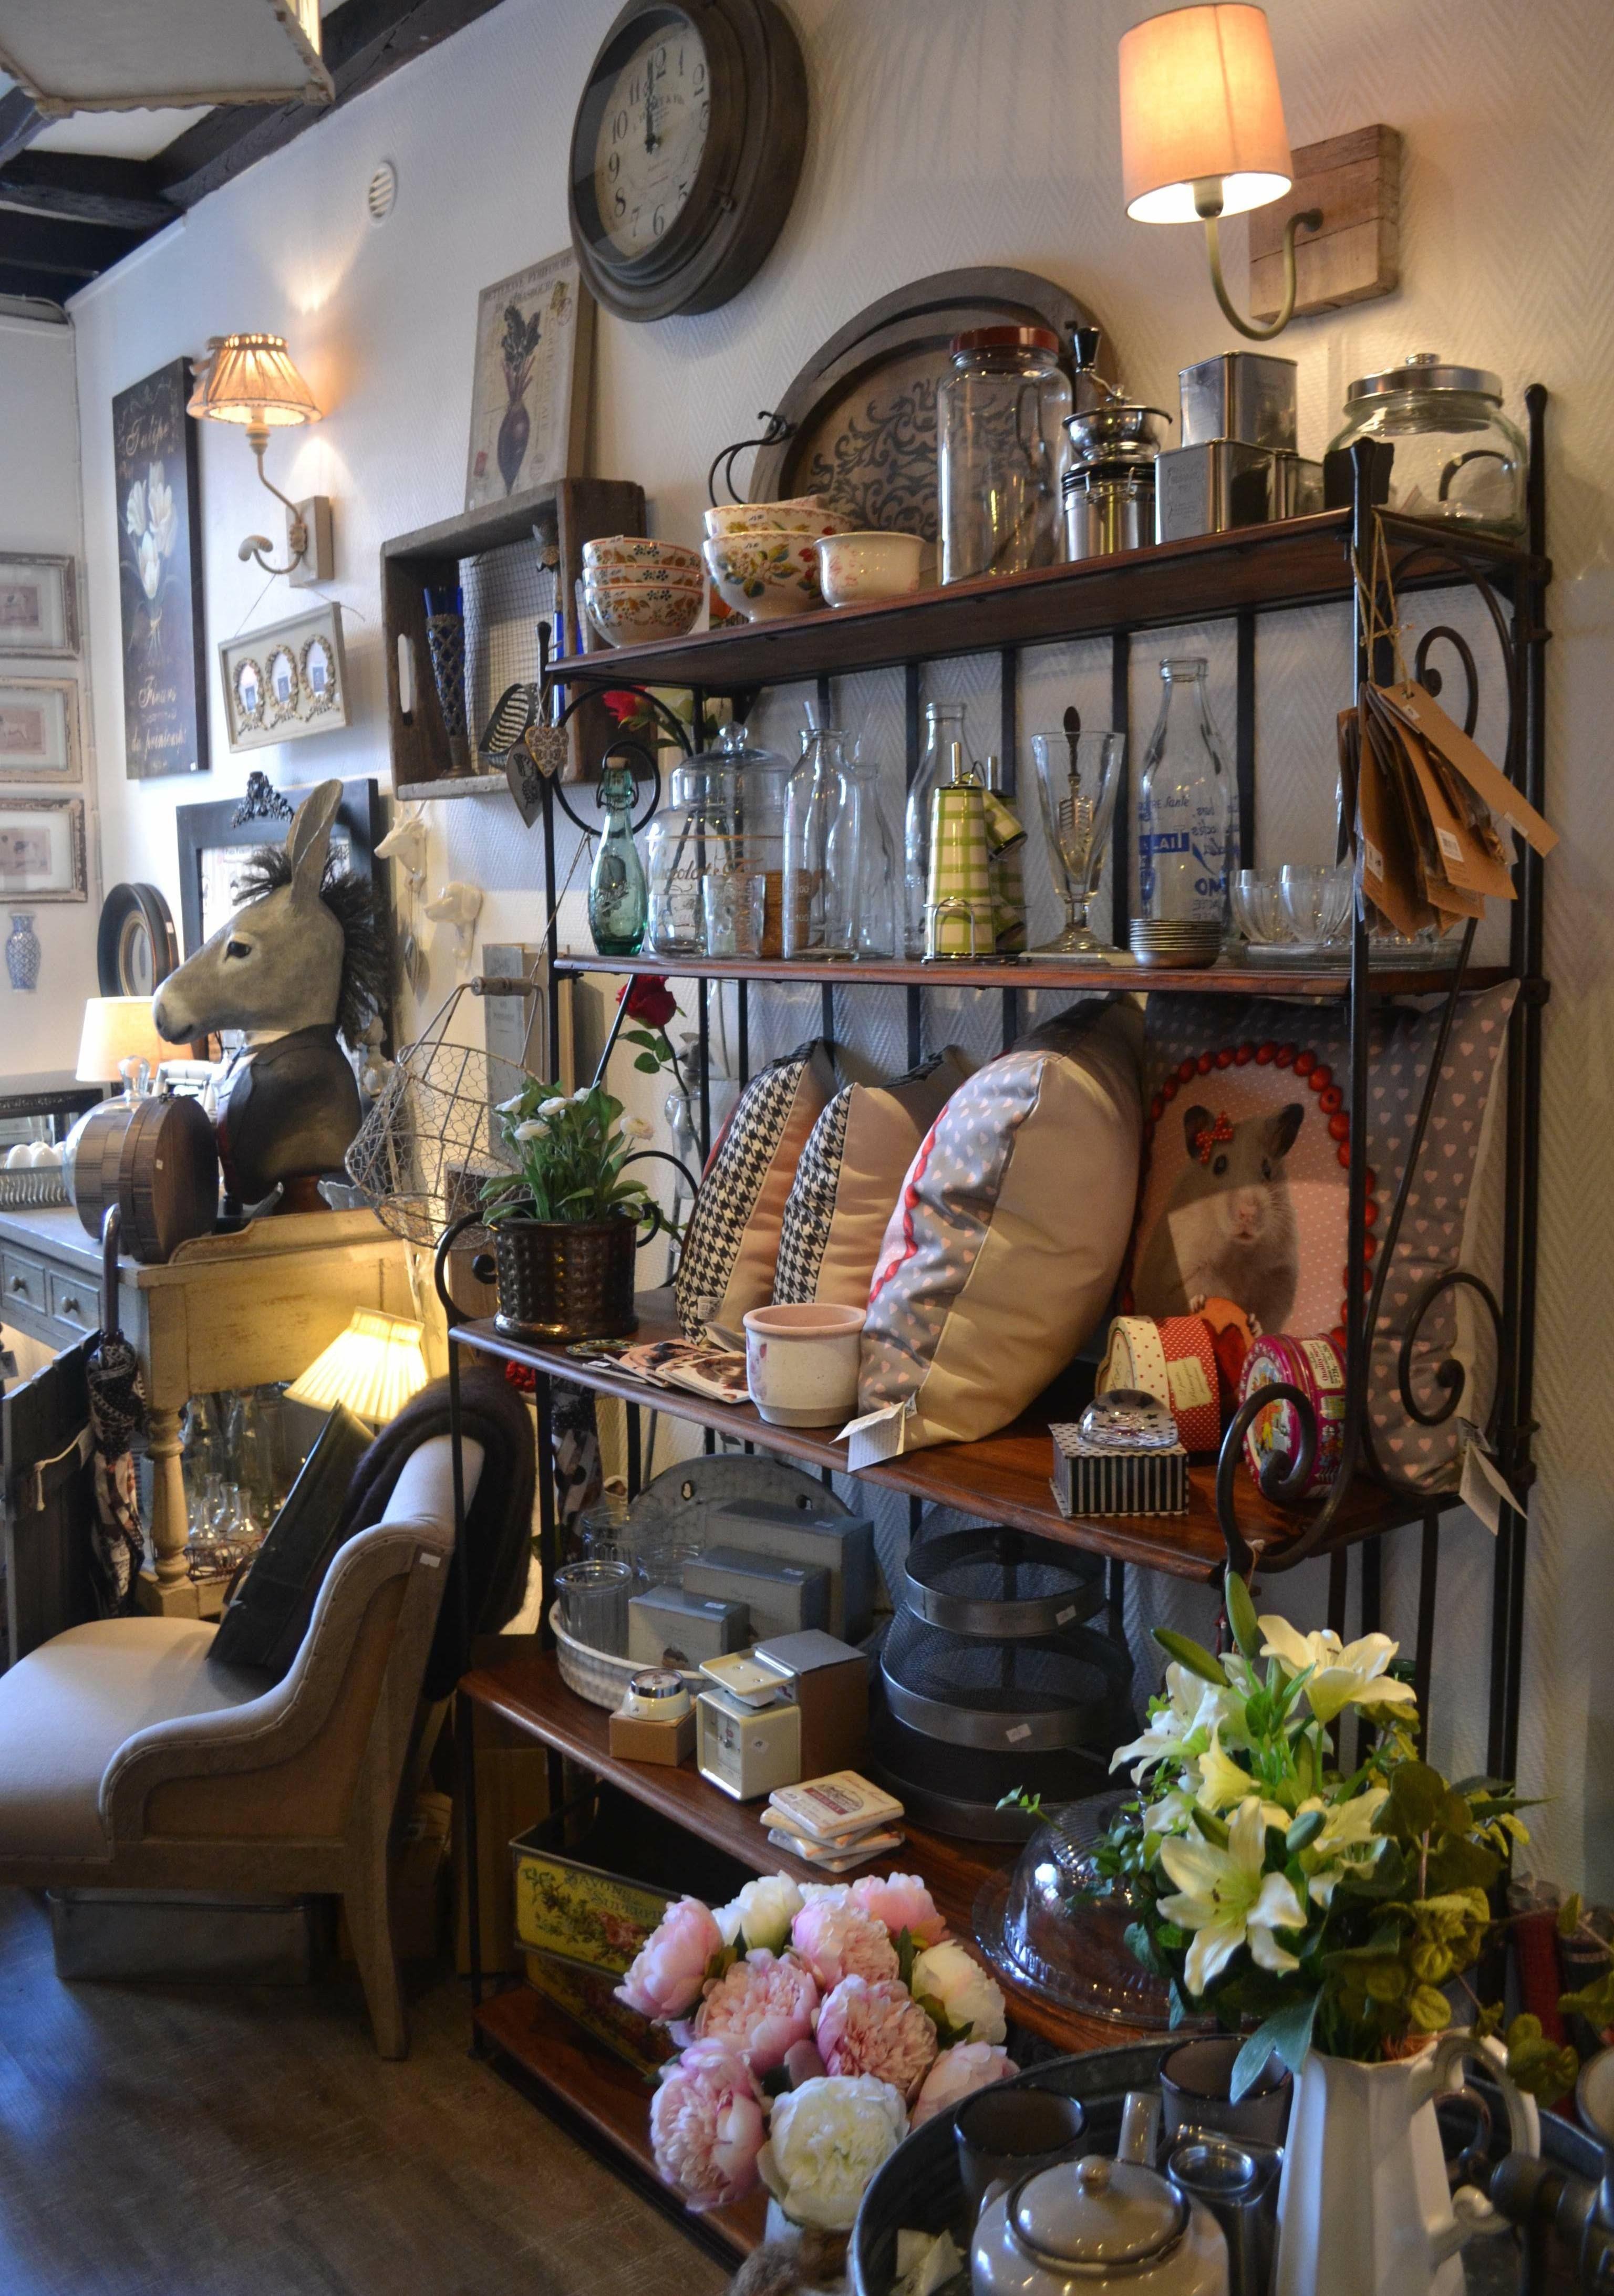 Interieur De La Boutique Chezbetoche Ruedaguerre Objets Deco